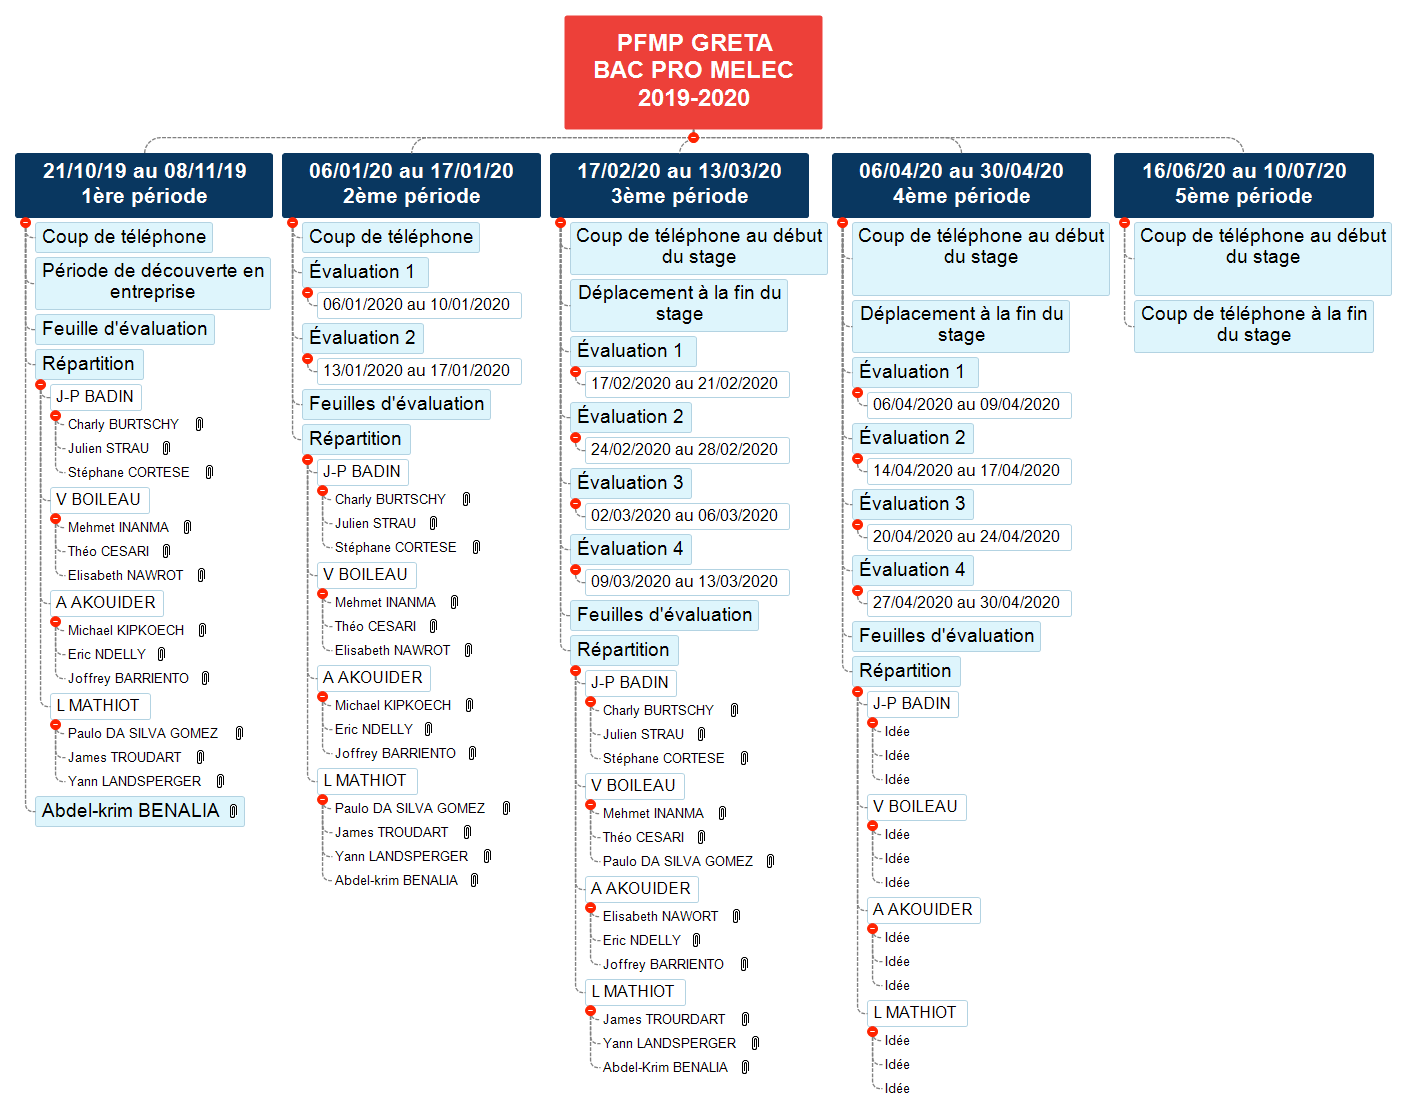 PFMP GRETA  BAC PRO MELEC 2019-2020 WBS